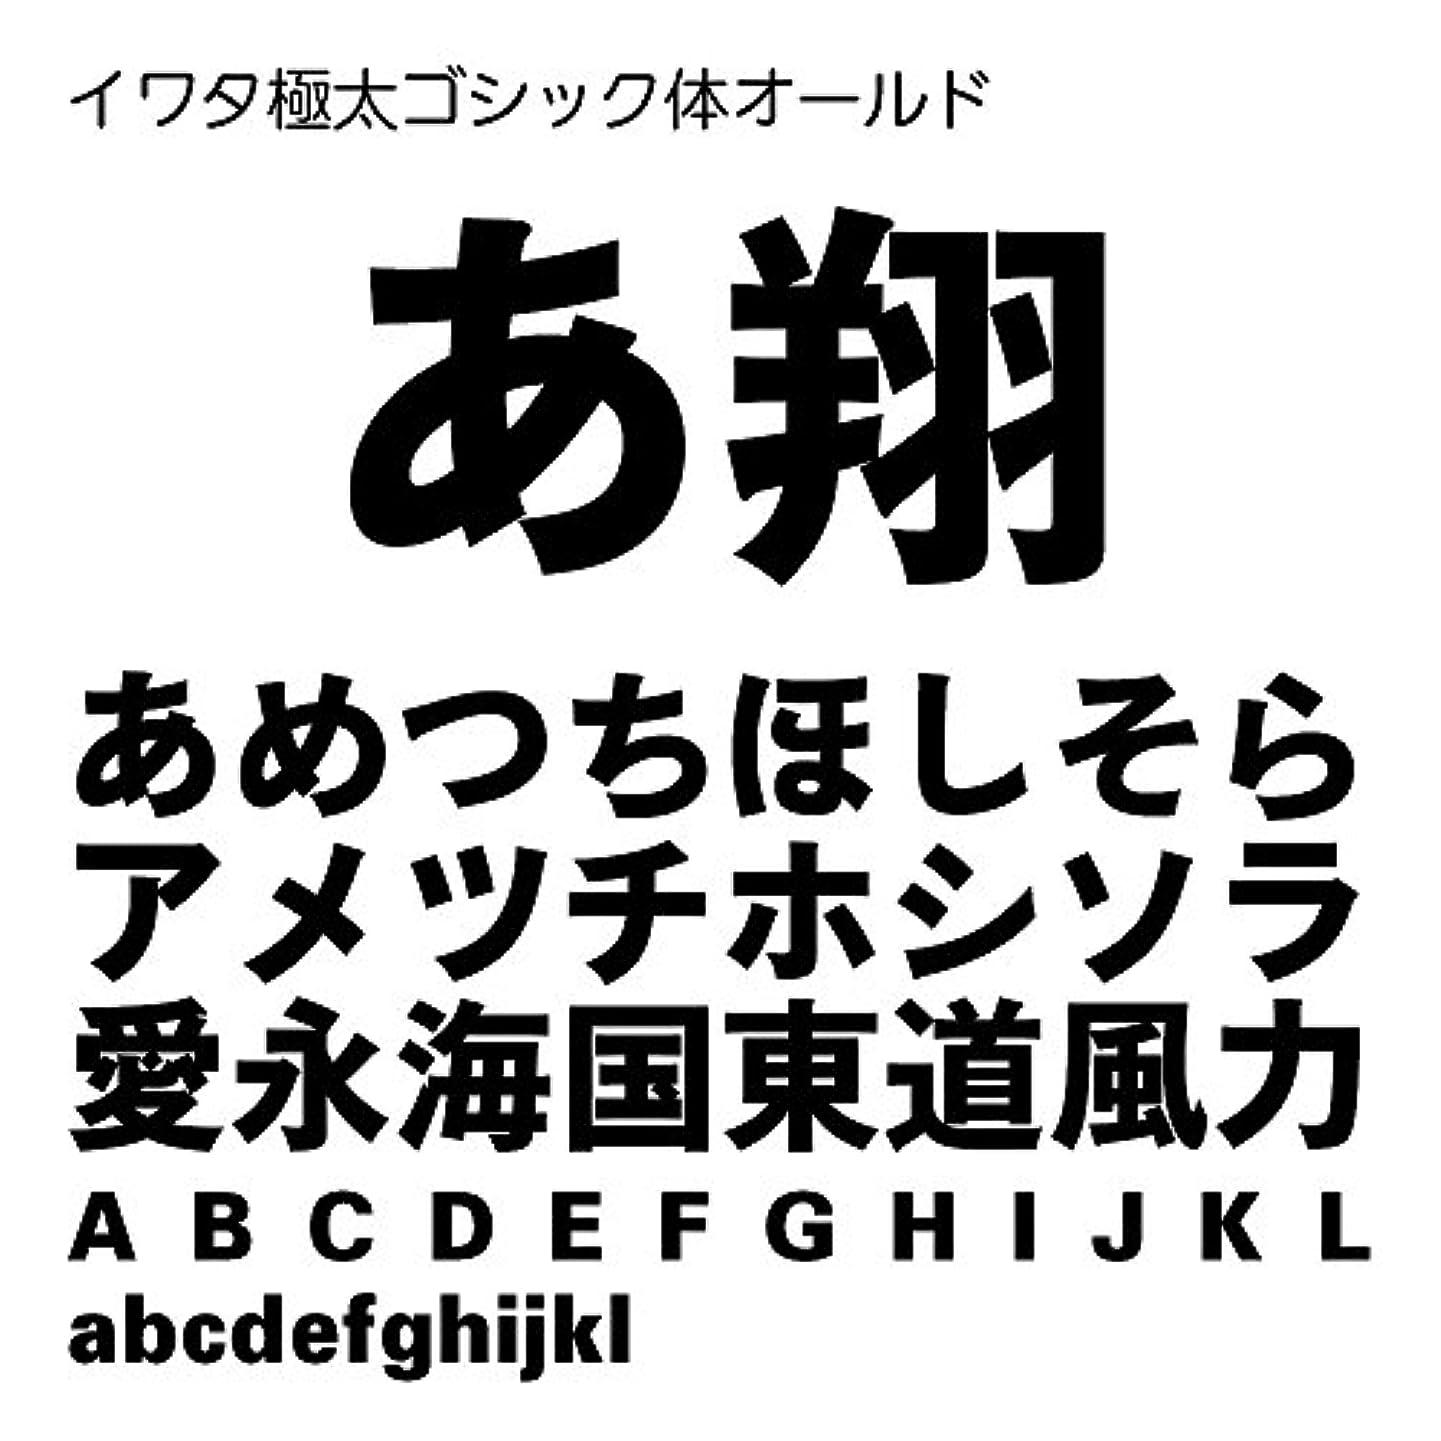 コンパクト肥料真珠のようなイワタ極太ゴシック体オールドStd OpenType Font for Windows [ダウンロード]